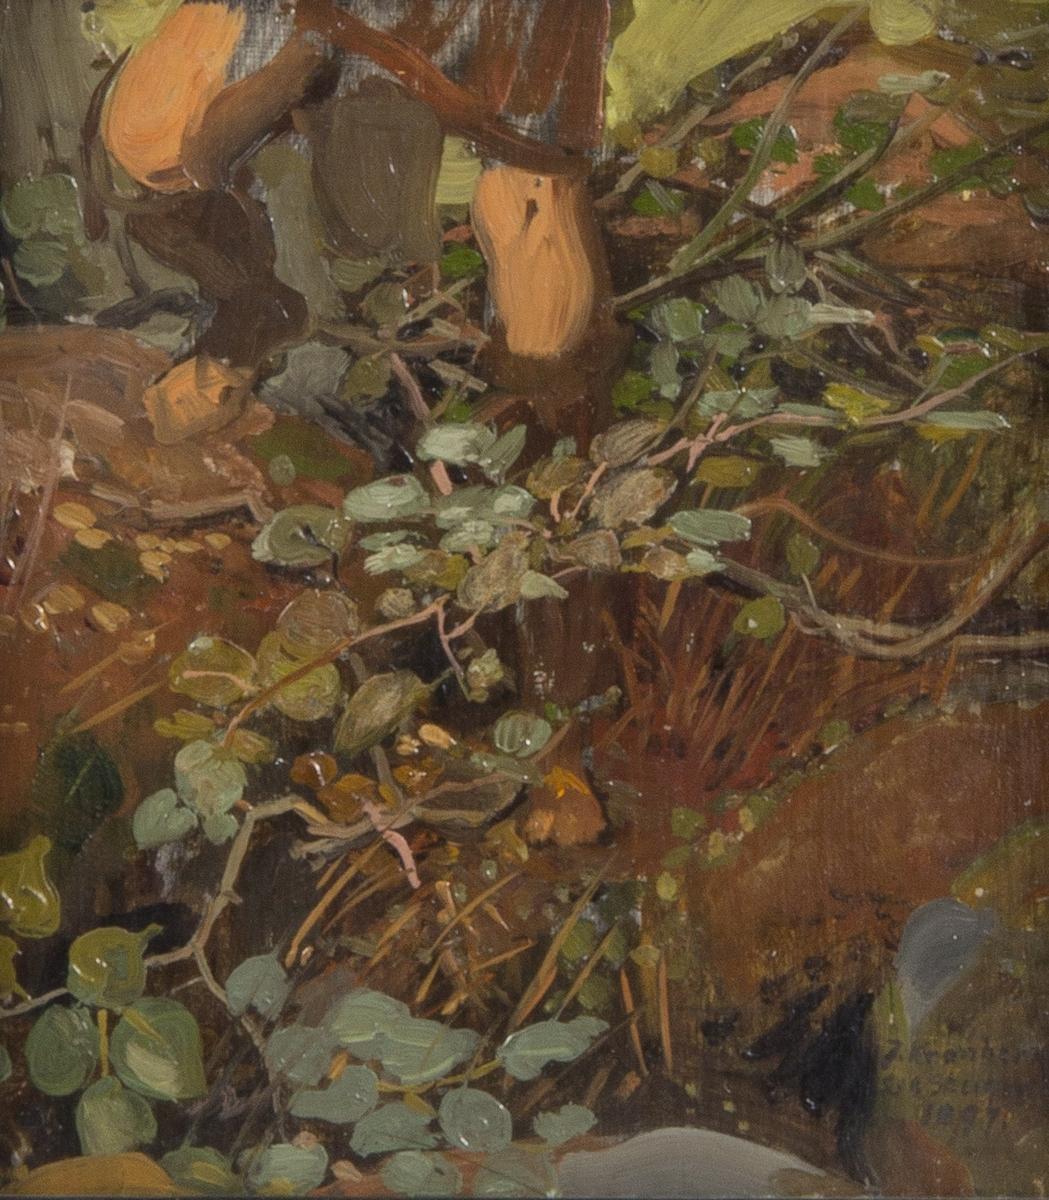 Bladverk och nedre delen av en människa med knän och fotbeklädnad avbildade. Detalj till målningen Diana.